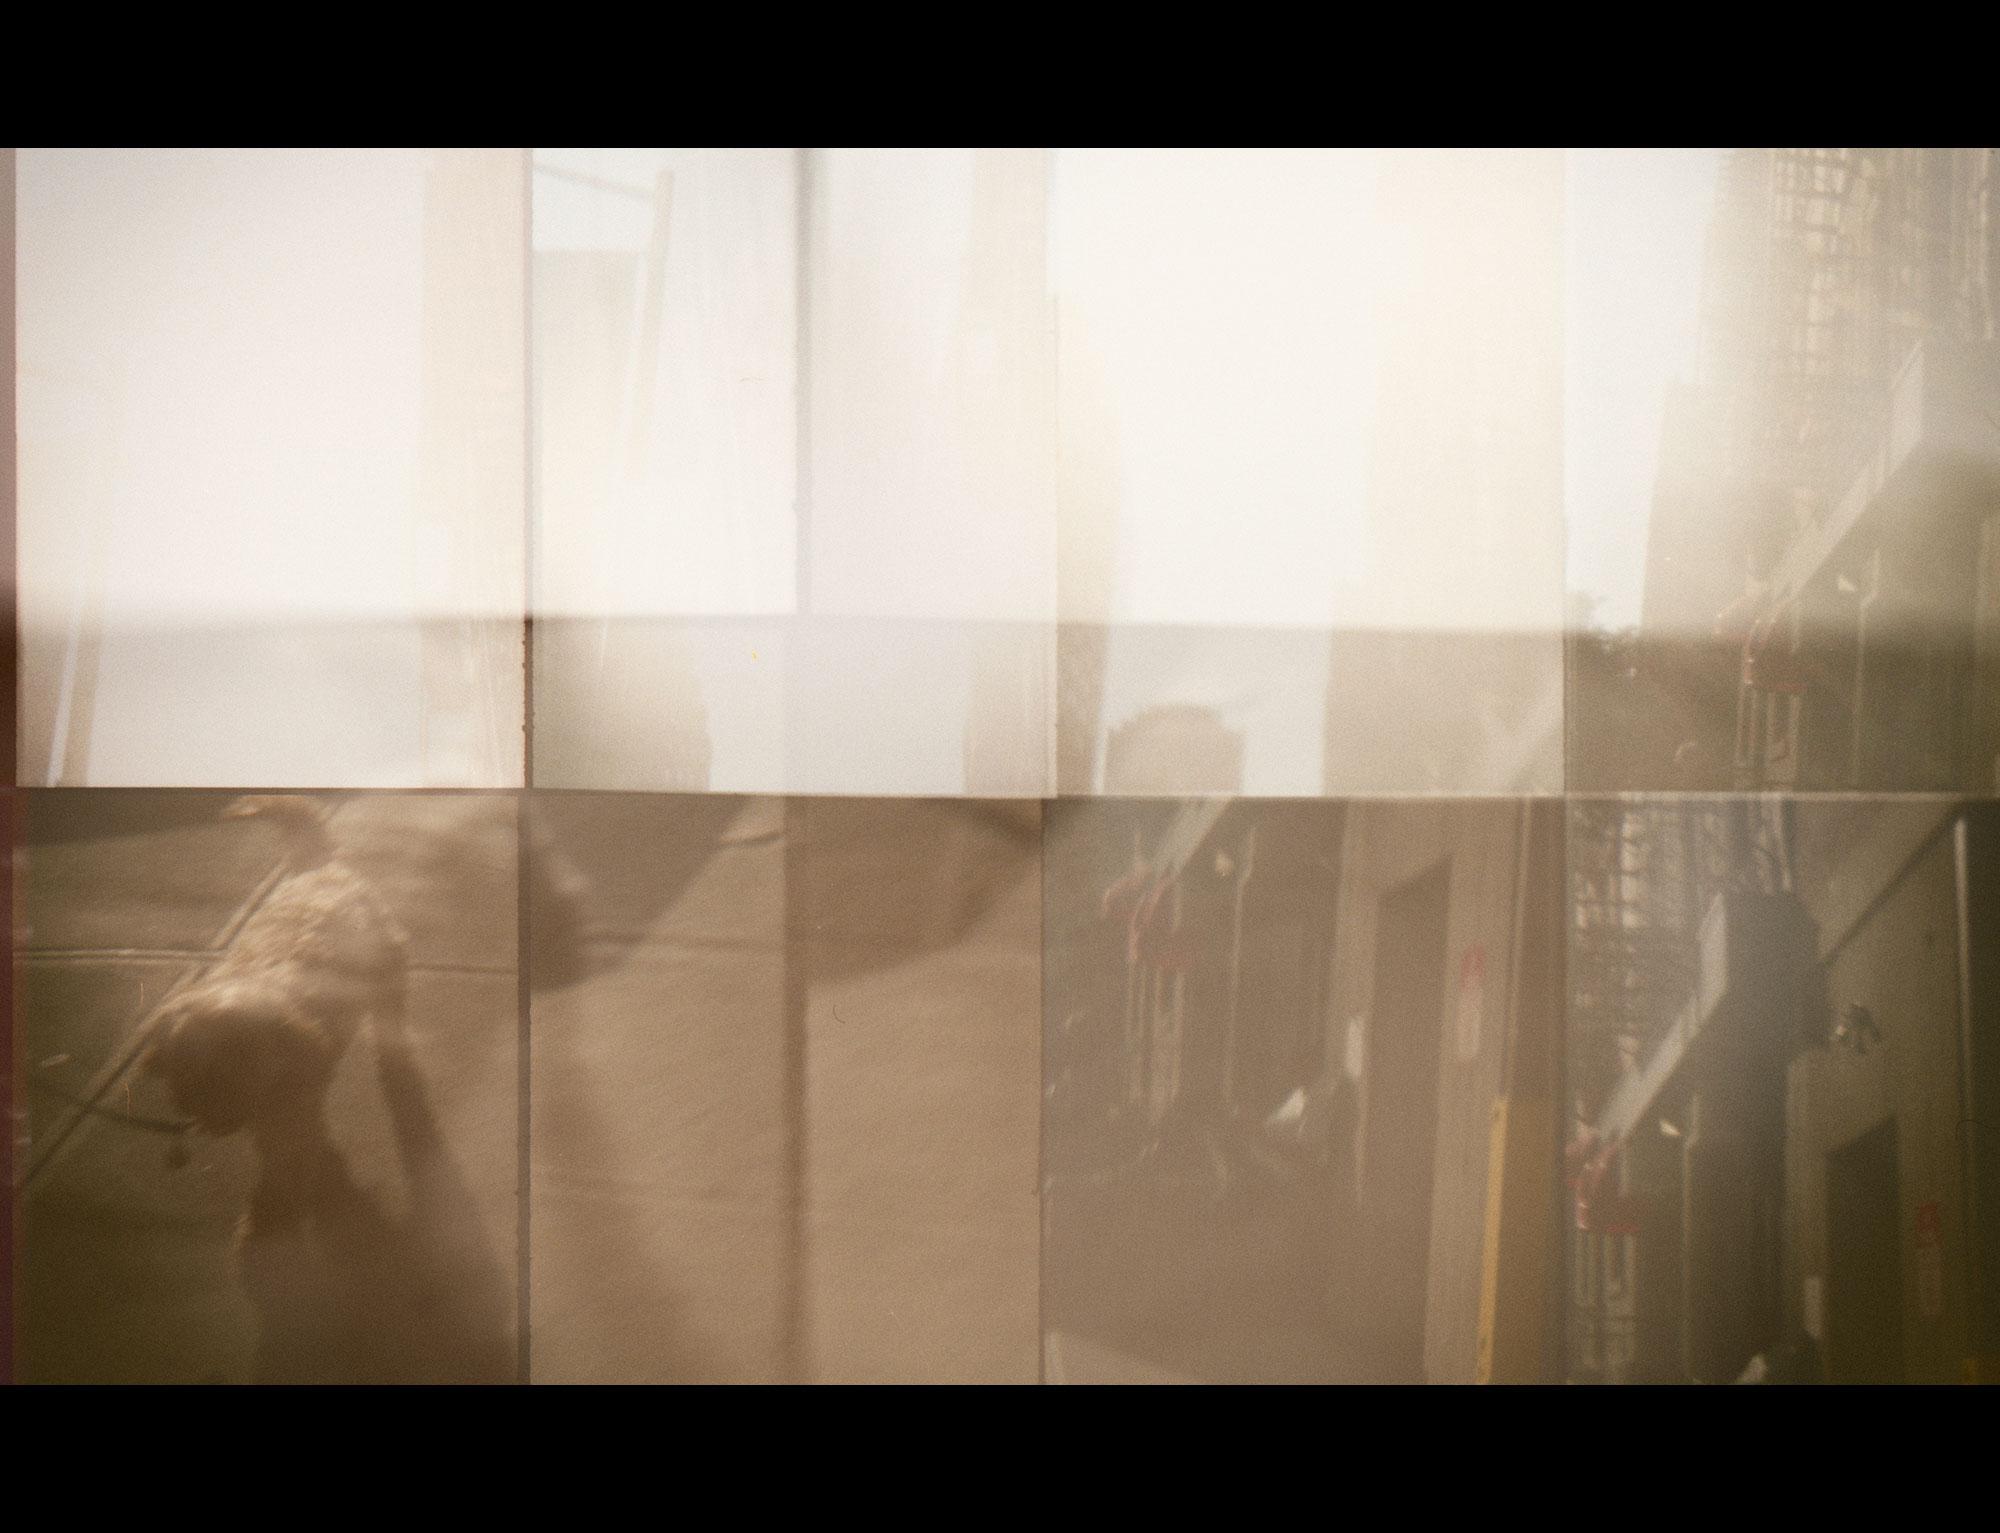 Octomatron of Sleepwalking #13